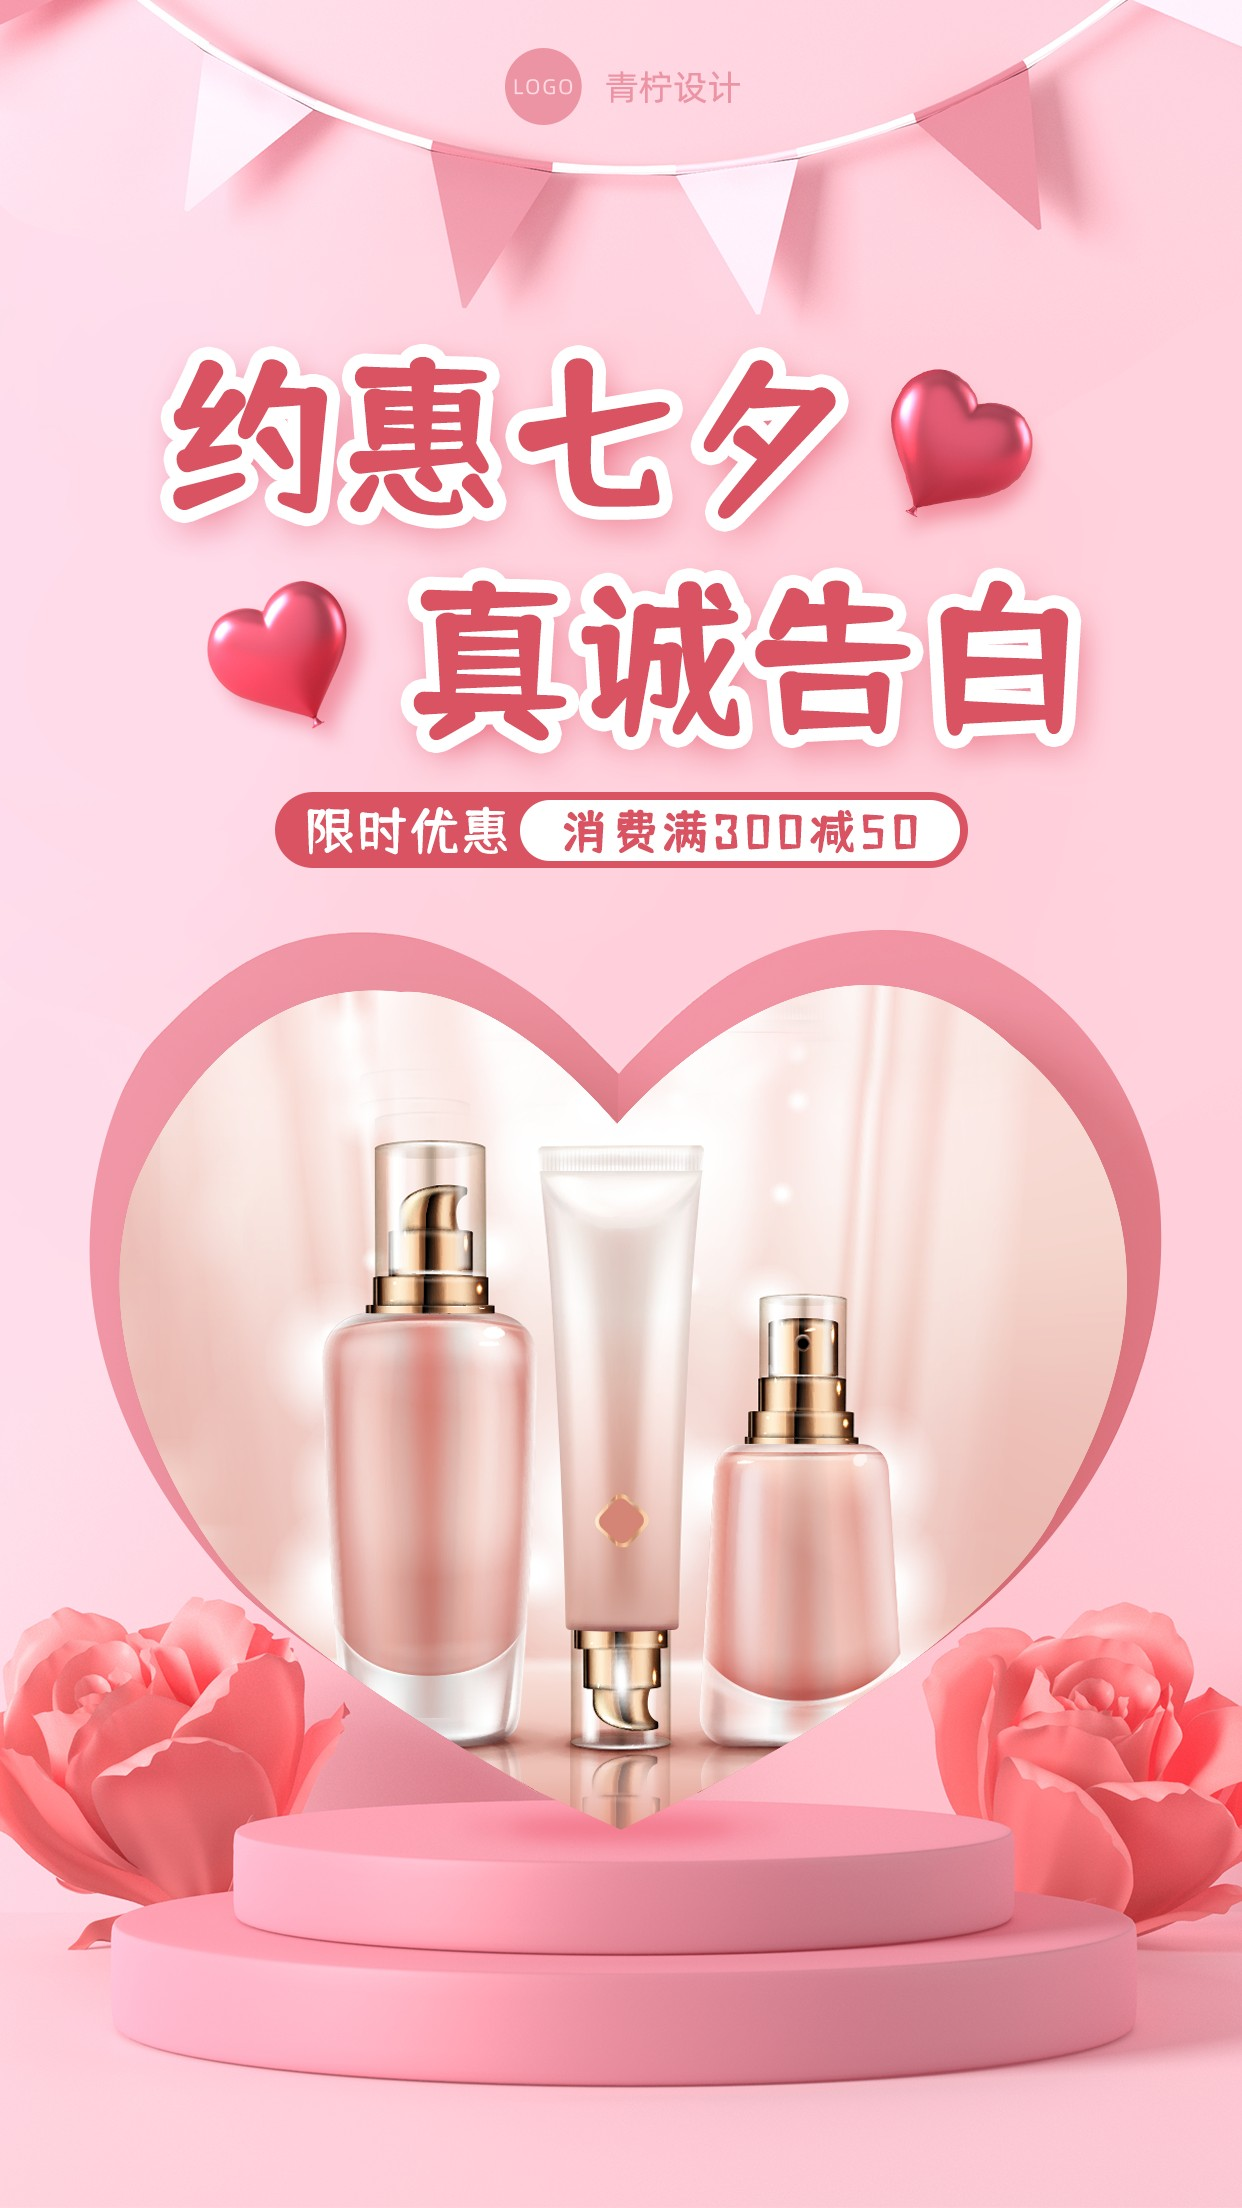 质感市场营销七夕手机海报